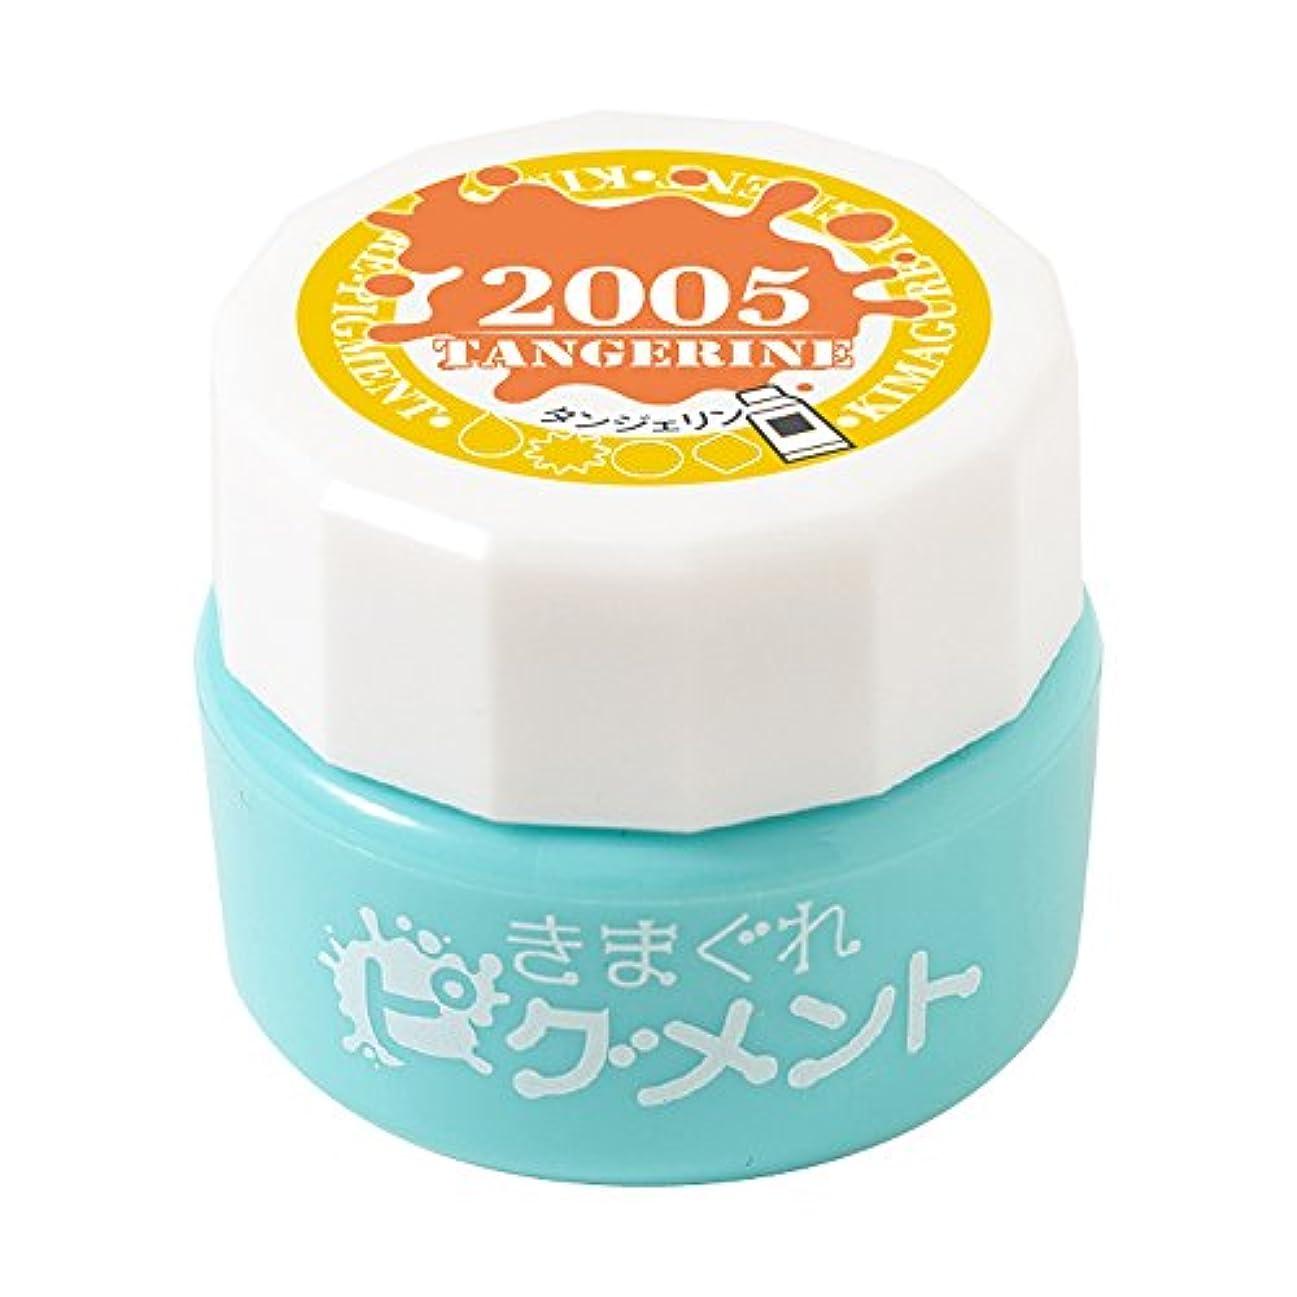 個人エンティティ改善Bettygel きまぐれピグメント タンジェリン QYJ-2005 4g UV/LED対応